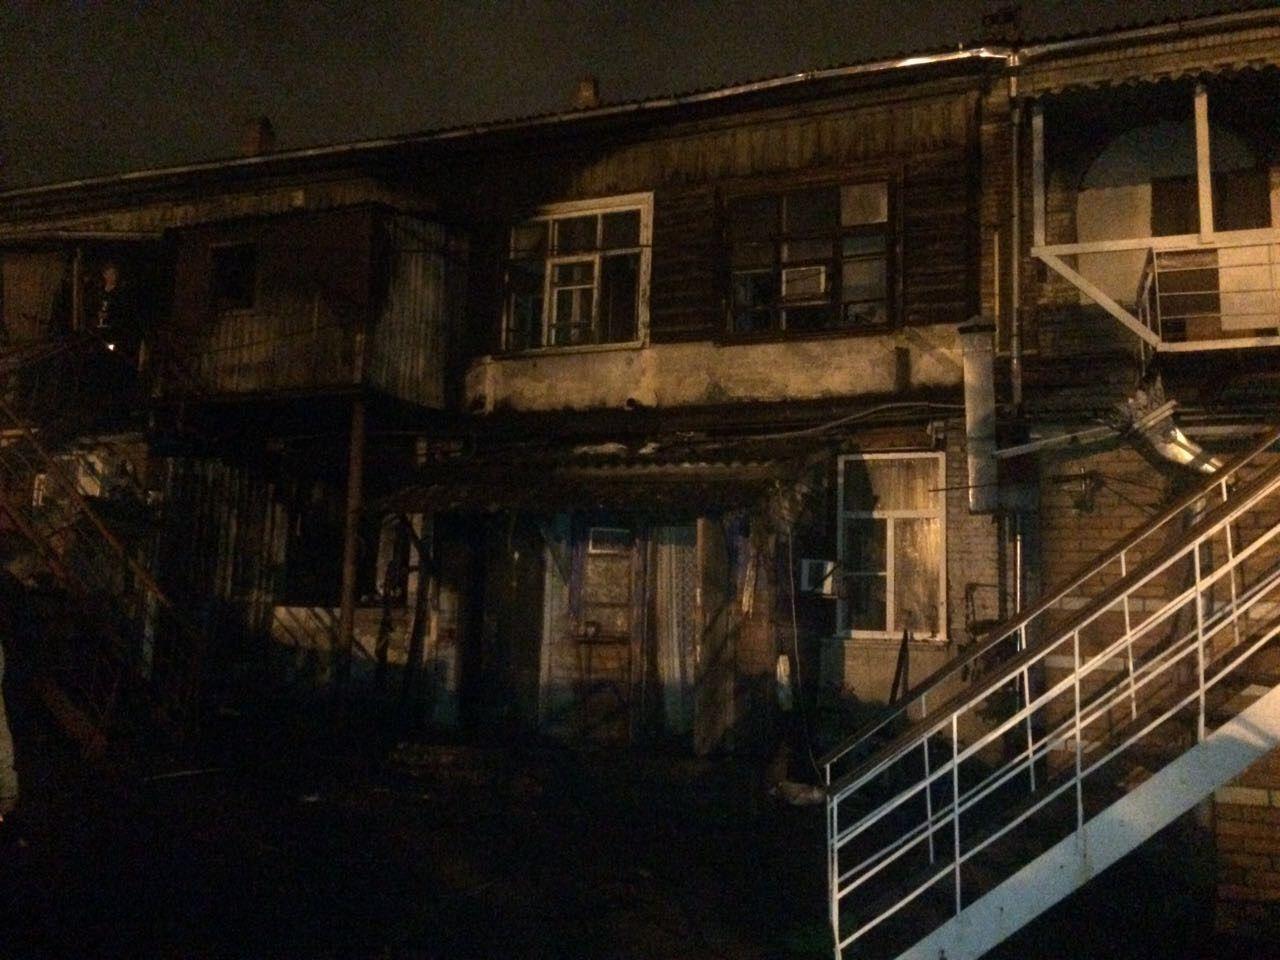 ВКраснодаре всвоей квартире живьем сгорел пенсионер